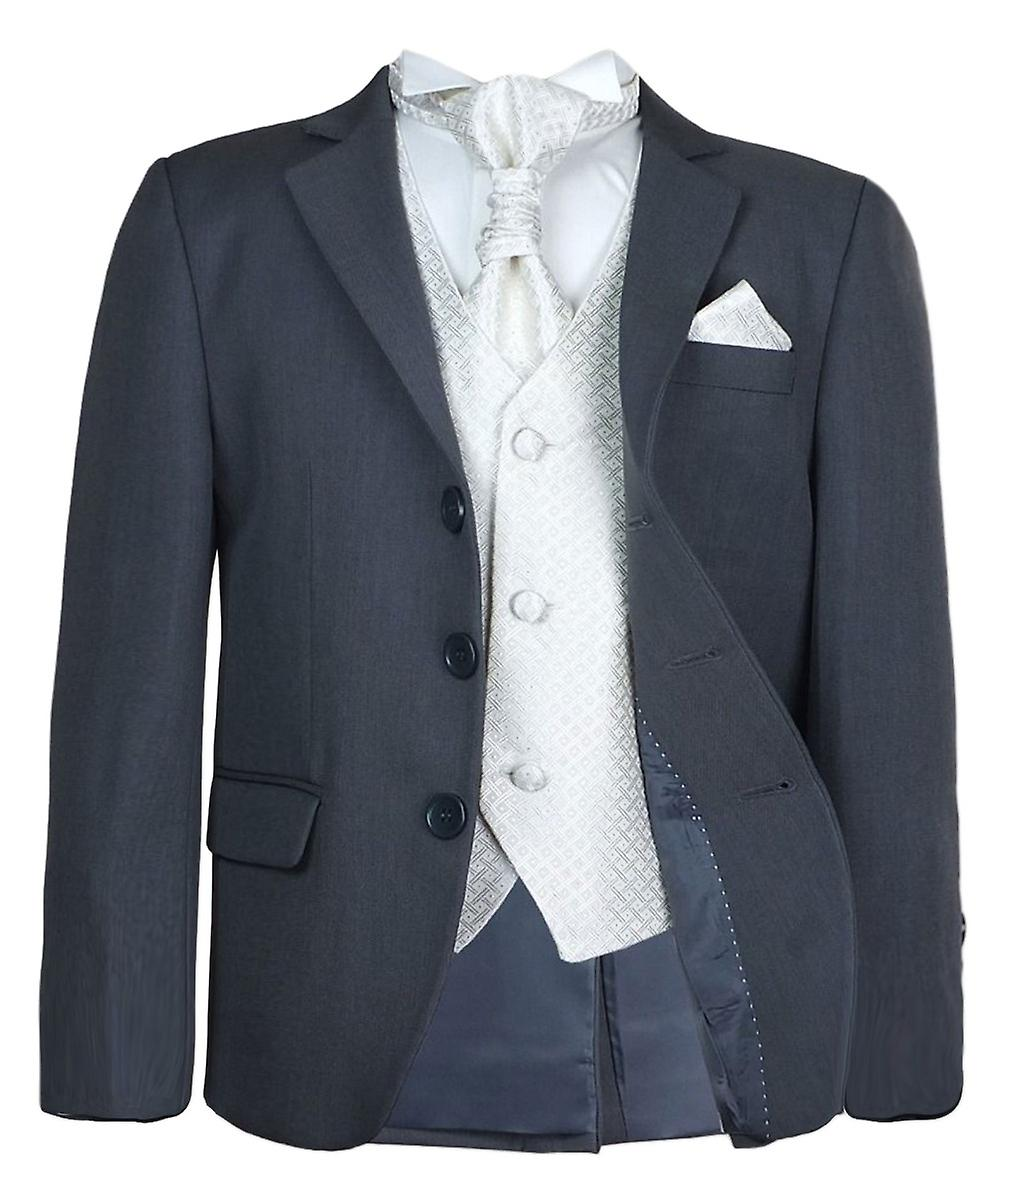 Garçons 5 nouveaux Pc gris & costume cravate Ivoire mariage